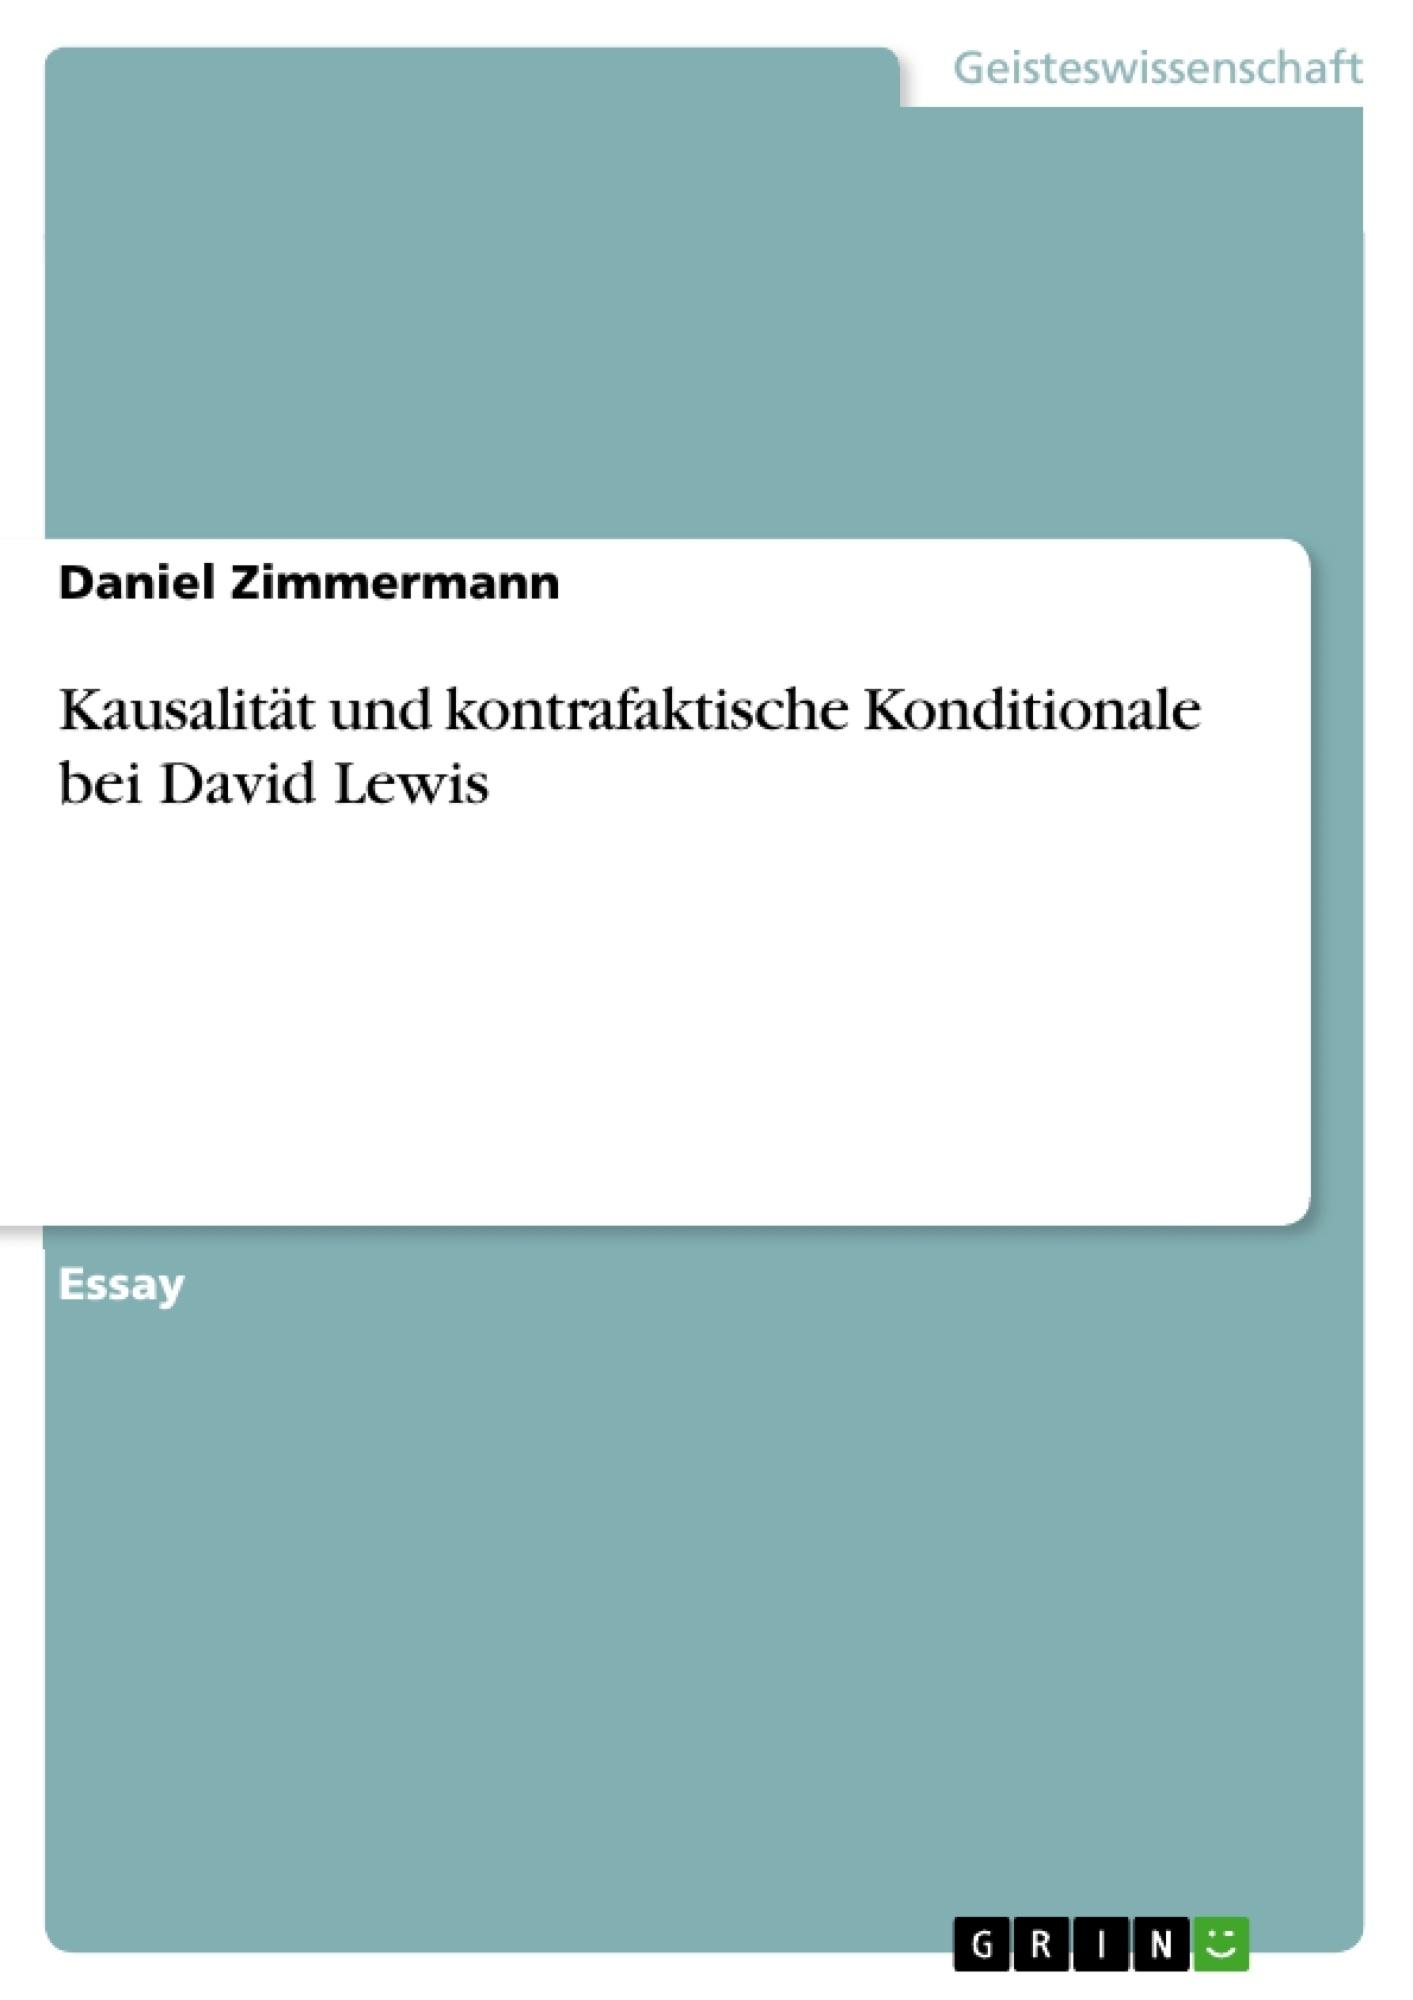 Titel: Kausalität und kontrafaktische Konditionale bei David Lewis